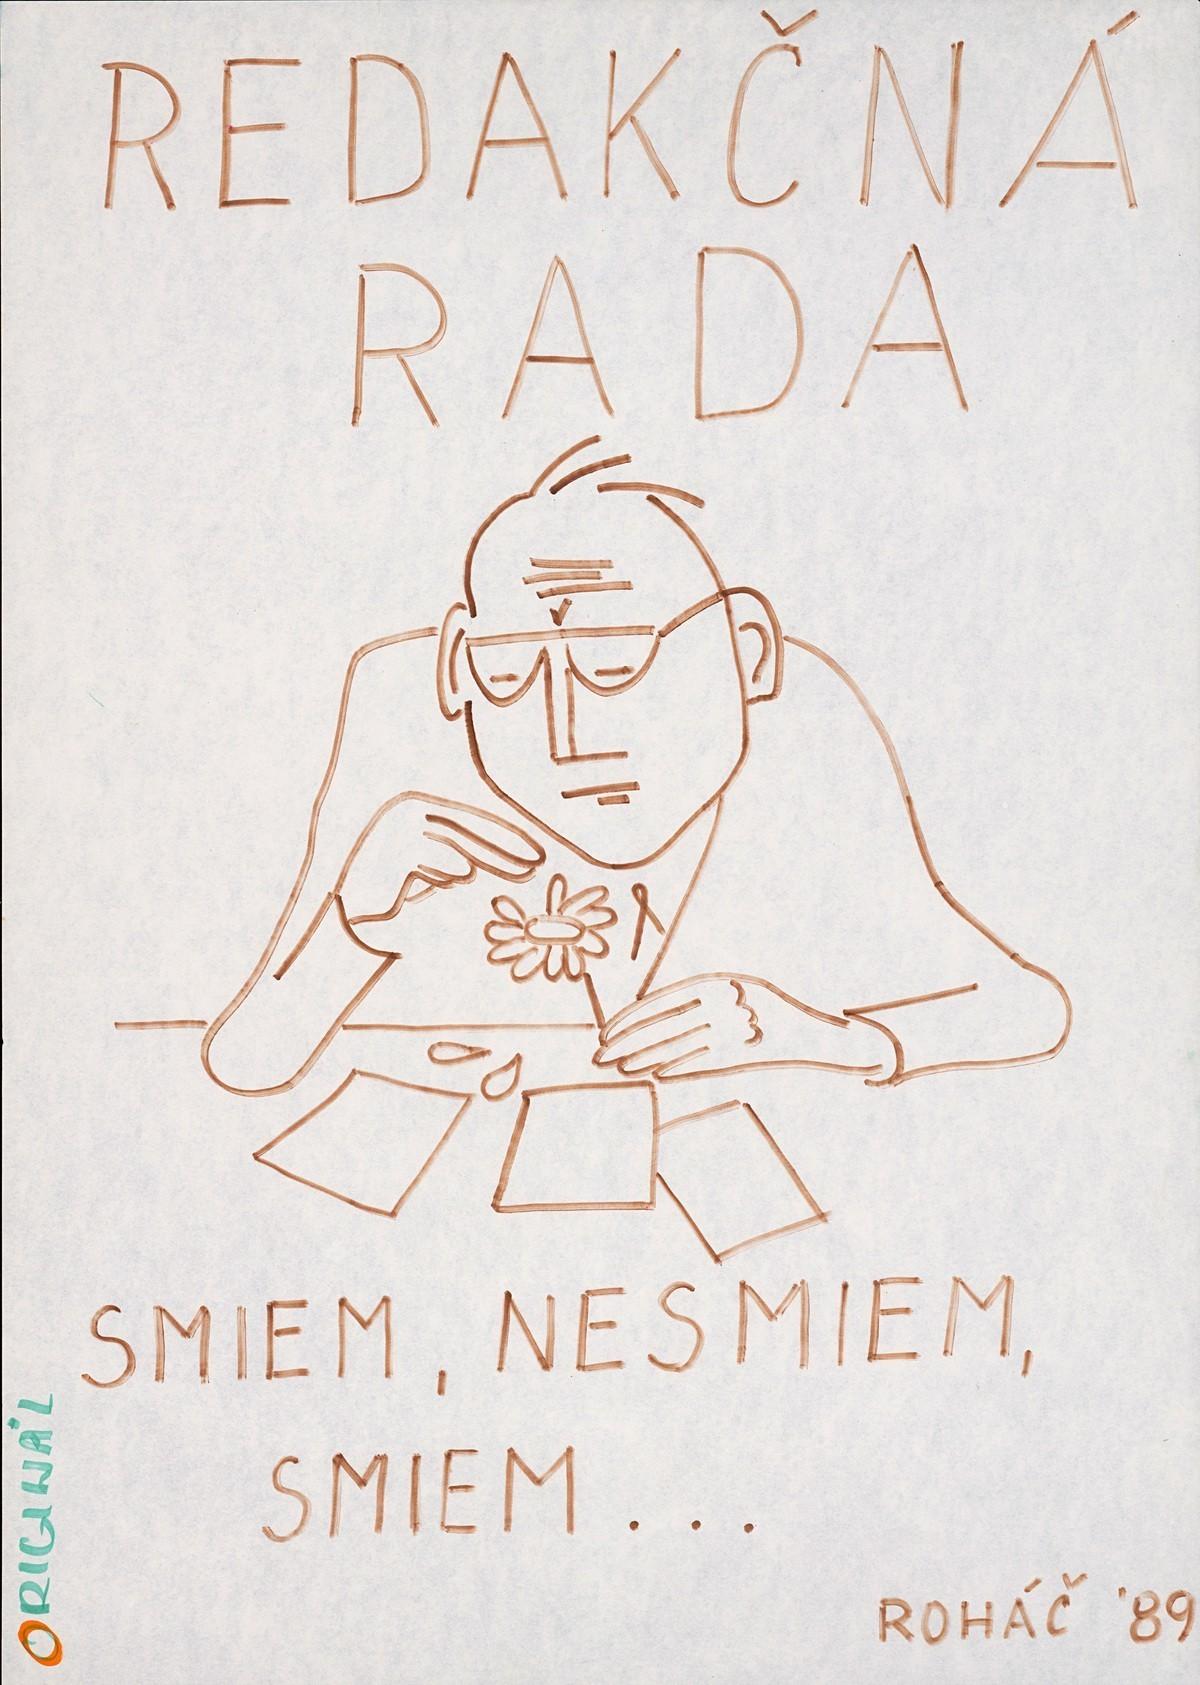 Redakčná rada, Smiem, nesmiem, smiem..., Originál Roháč ́89. 1989. Slovenské národné múzeum – Historické múzeum v Bratislave